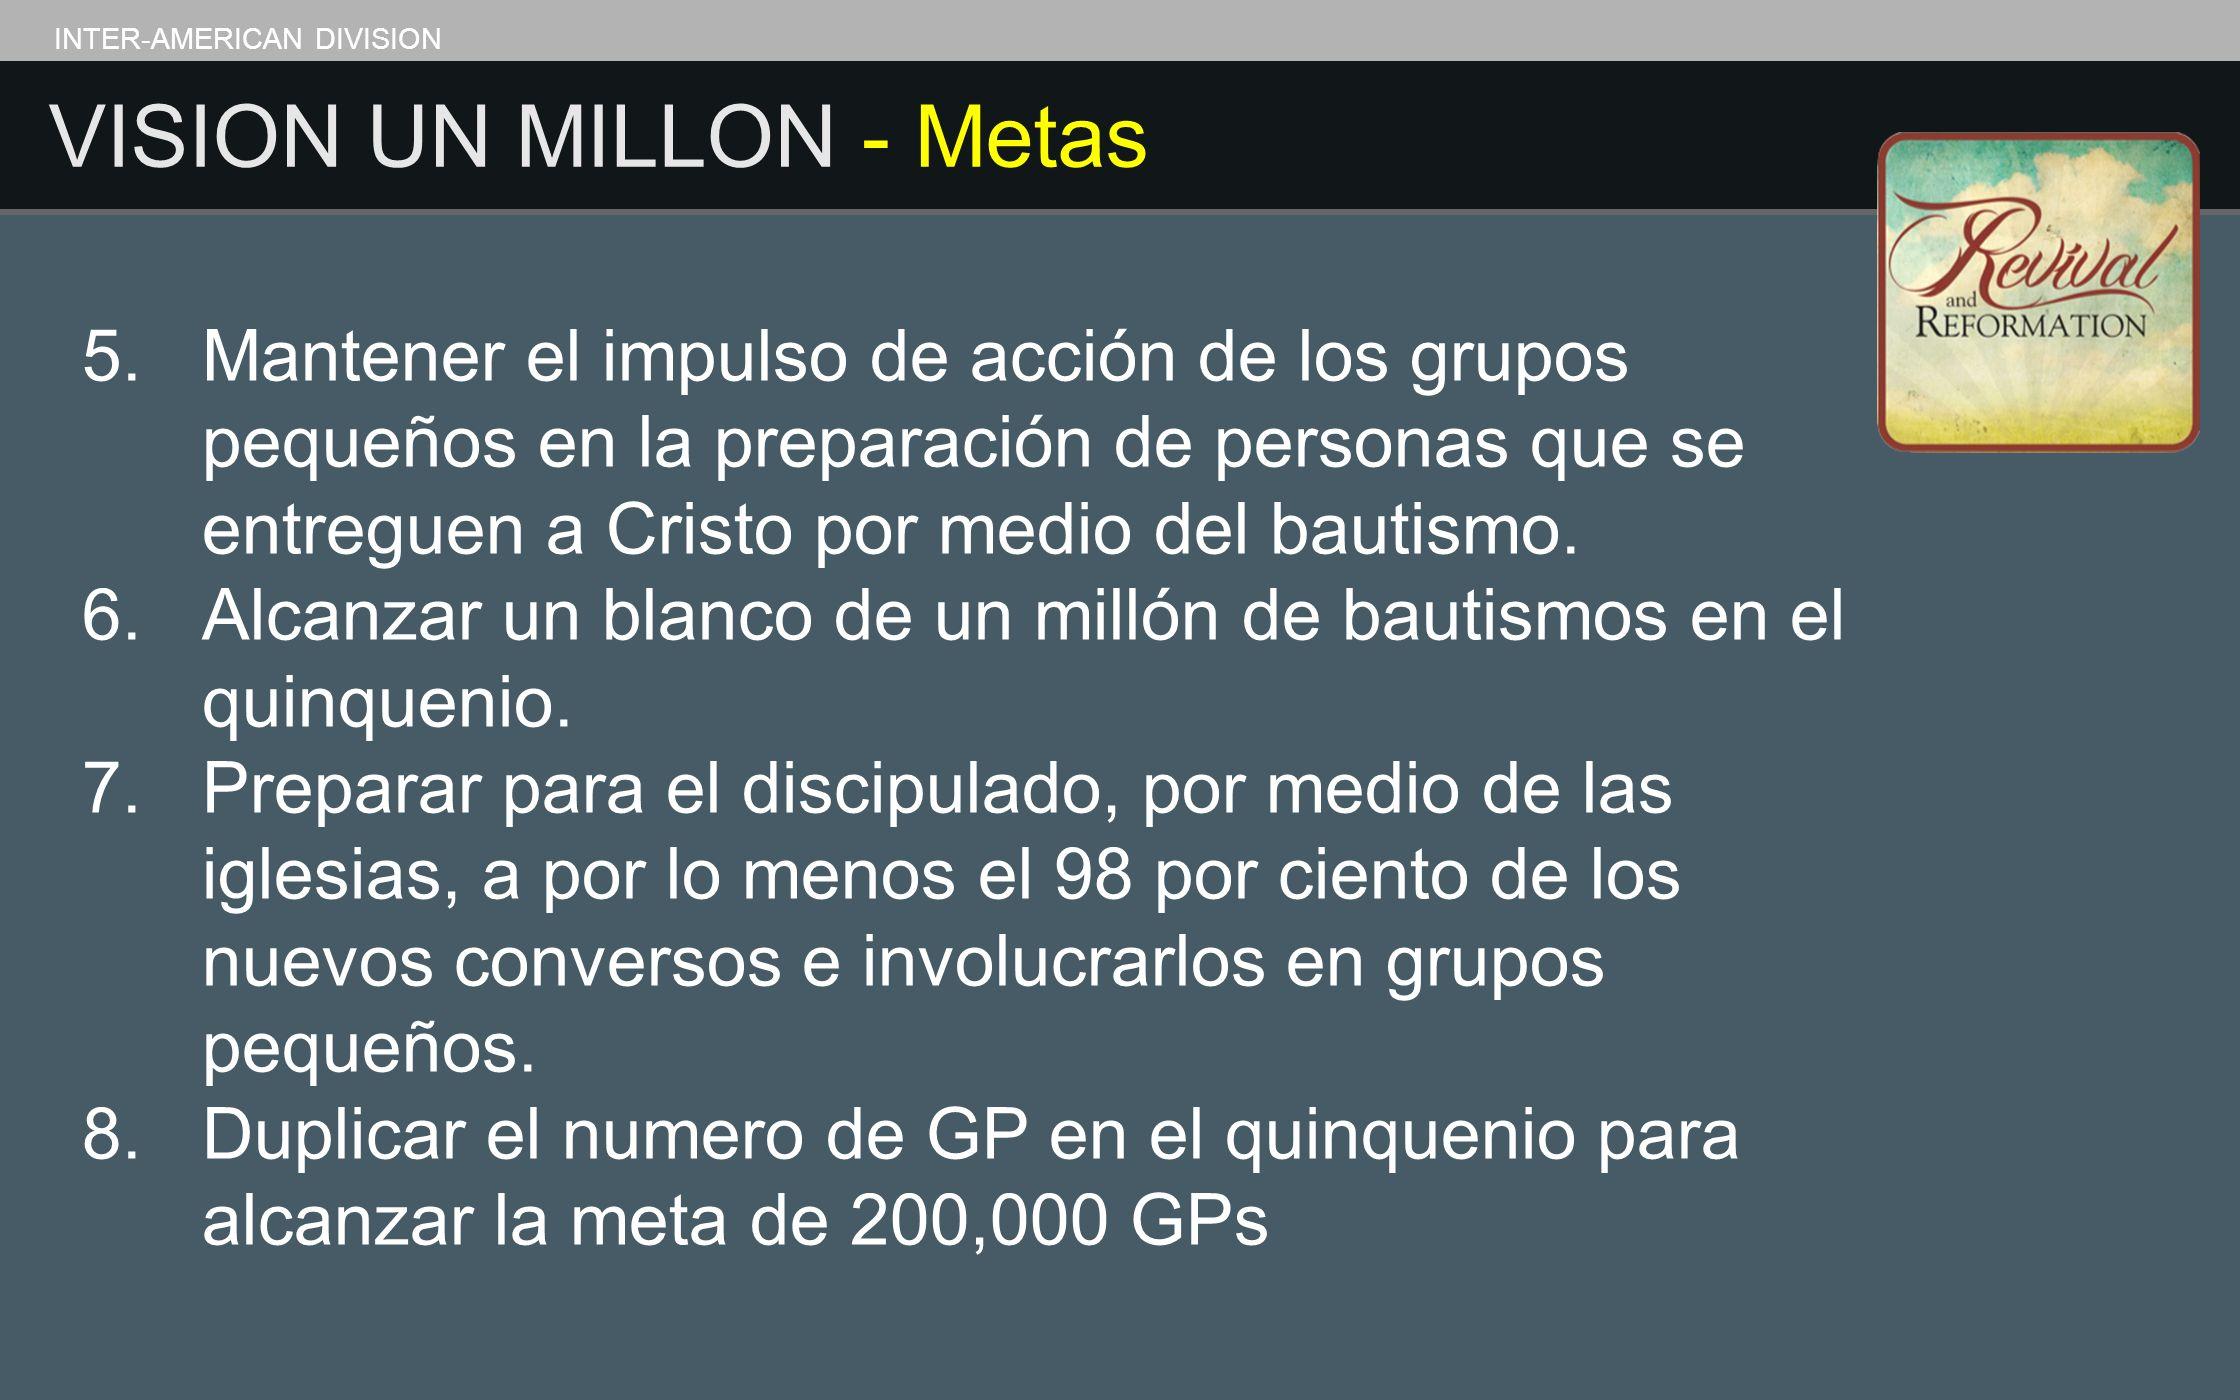 INTER-AMERICAN DIVISION VISION UN MILLON - Metas 5.Mantener el impulso de acción de los grupos pequeños en la preparación de personas que se entreguen